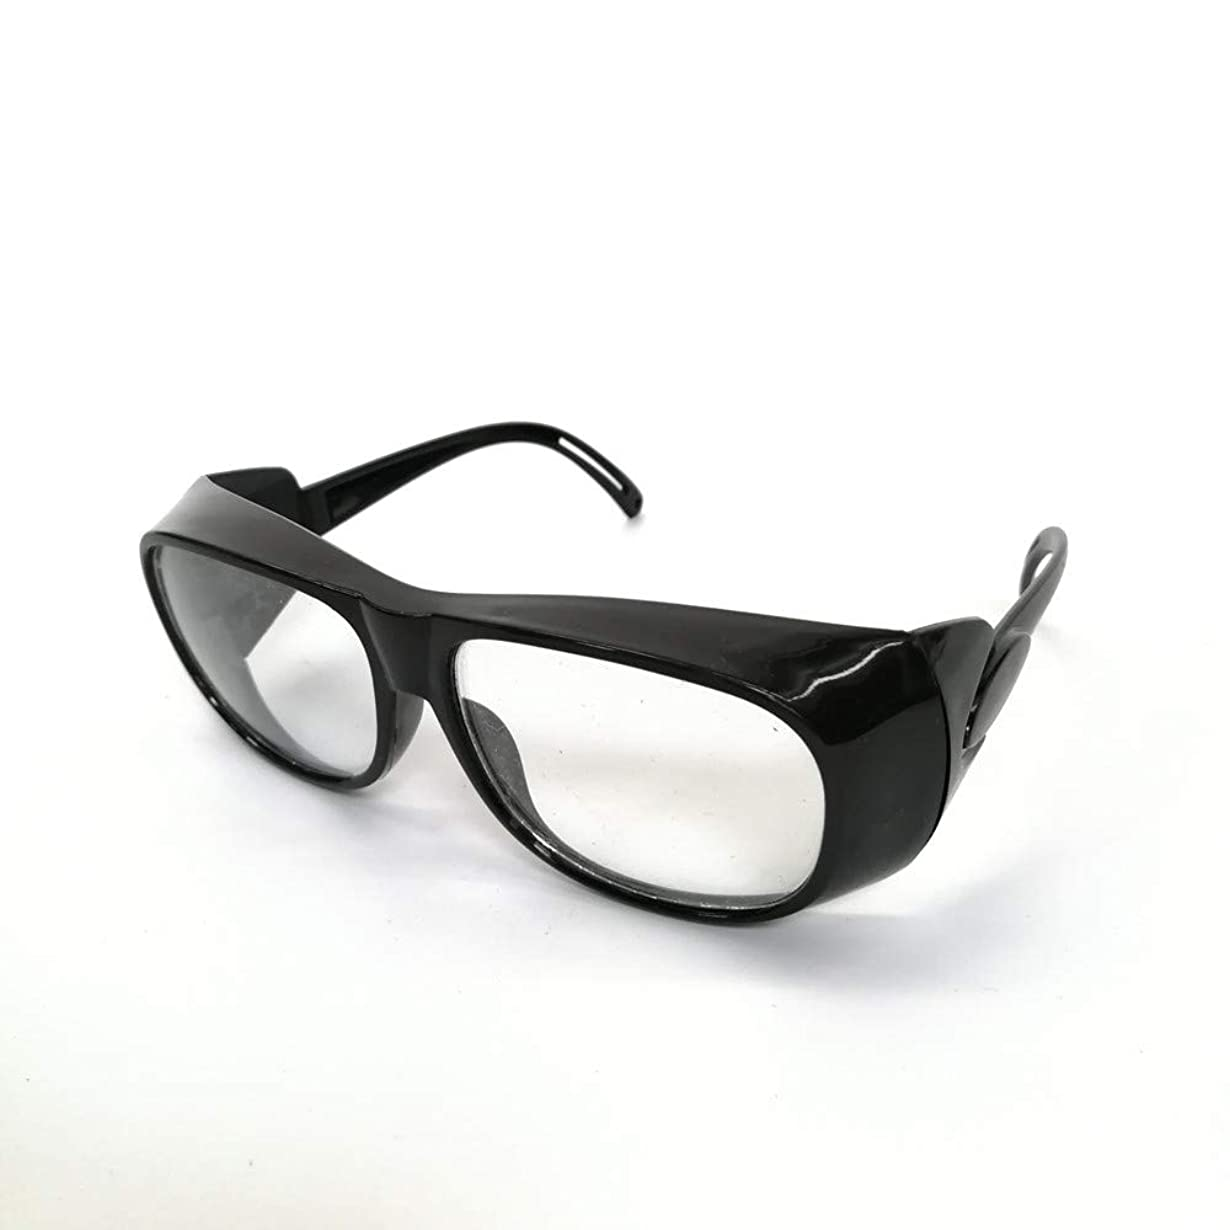 安全メガネ 保護めがね 保護メガネ 耐衝撃 防風 防雪 防塵 UVカット 自転車に乗る 溶接 実験室